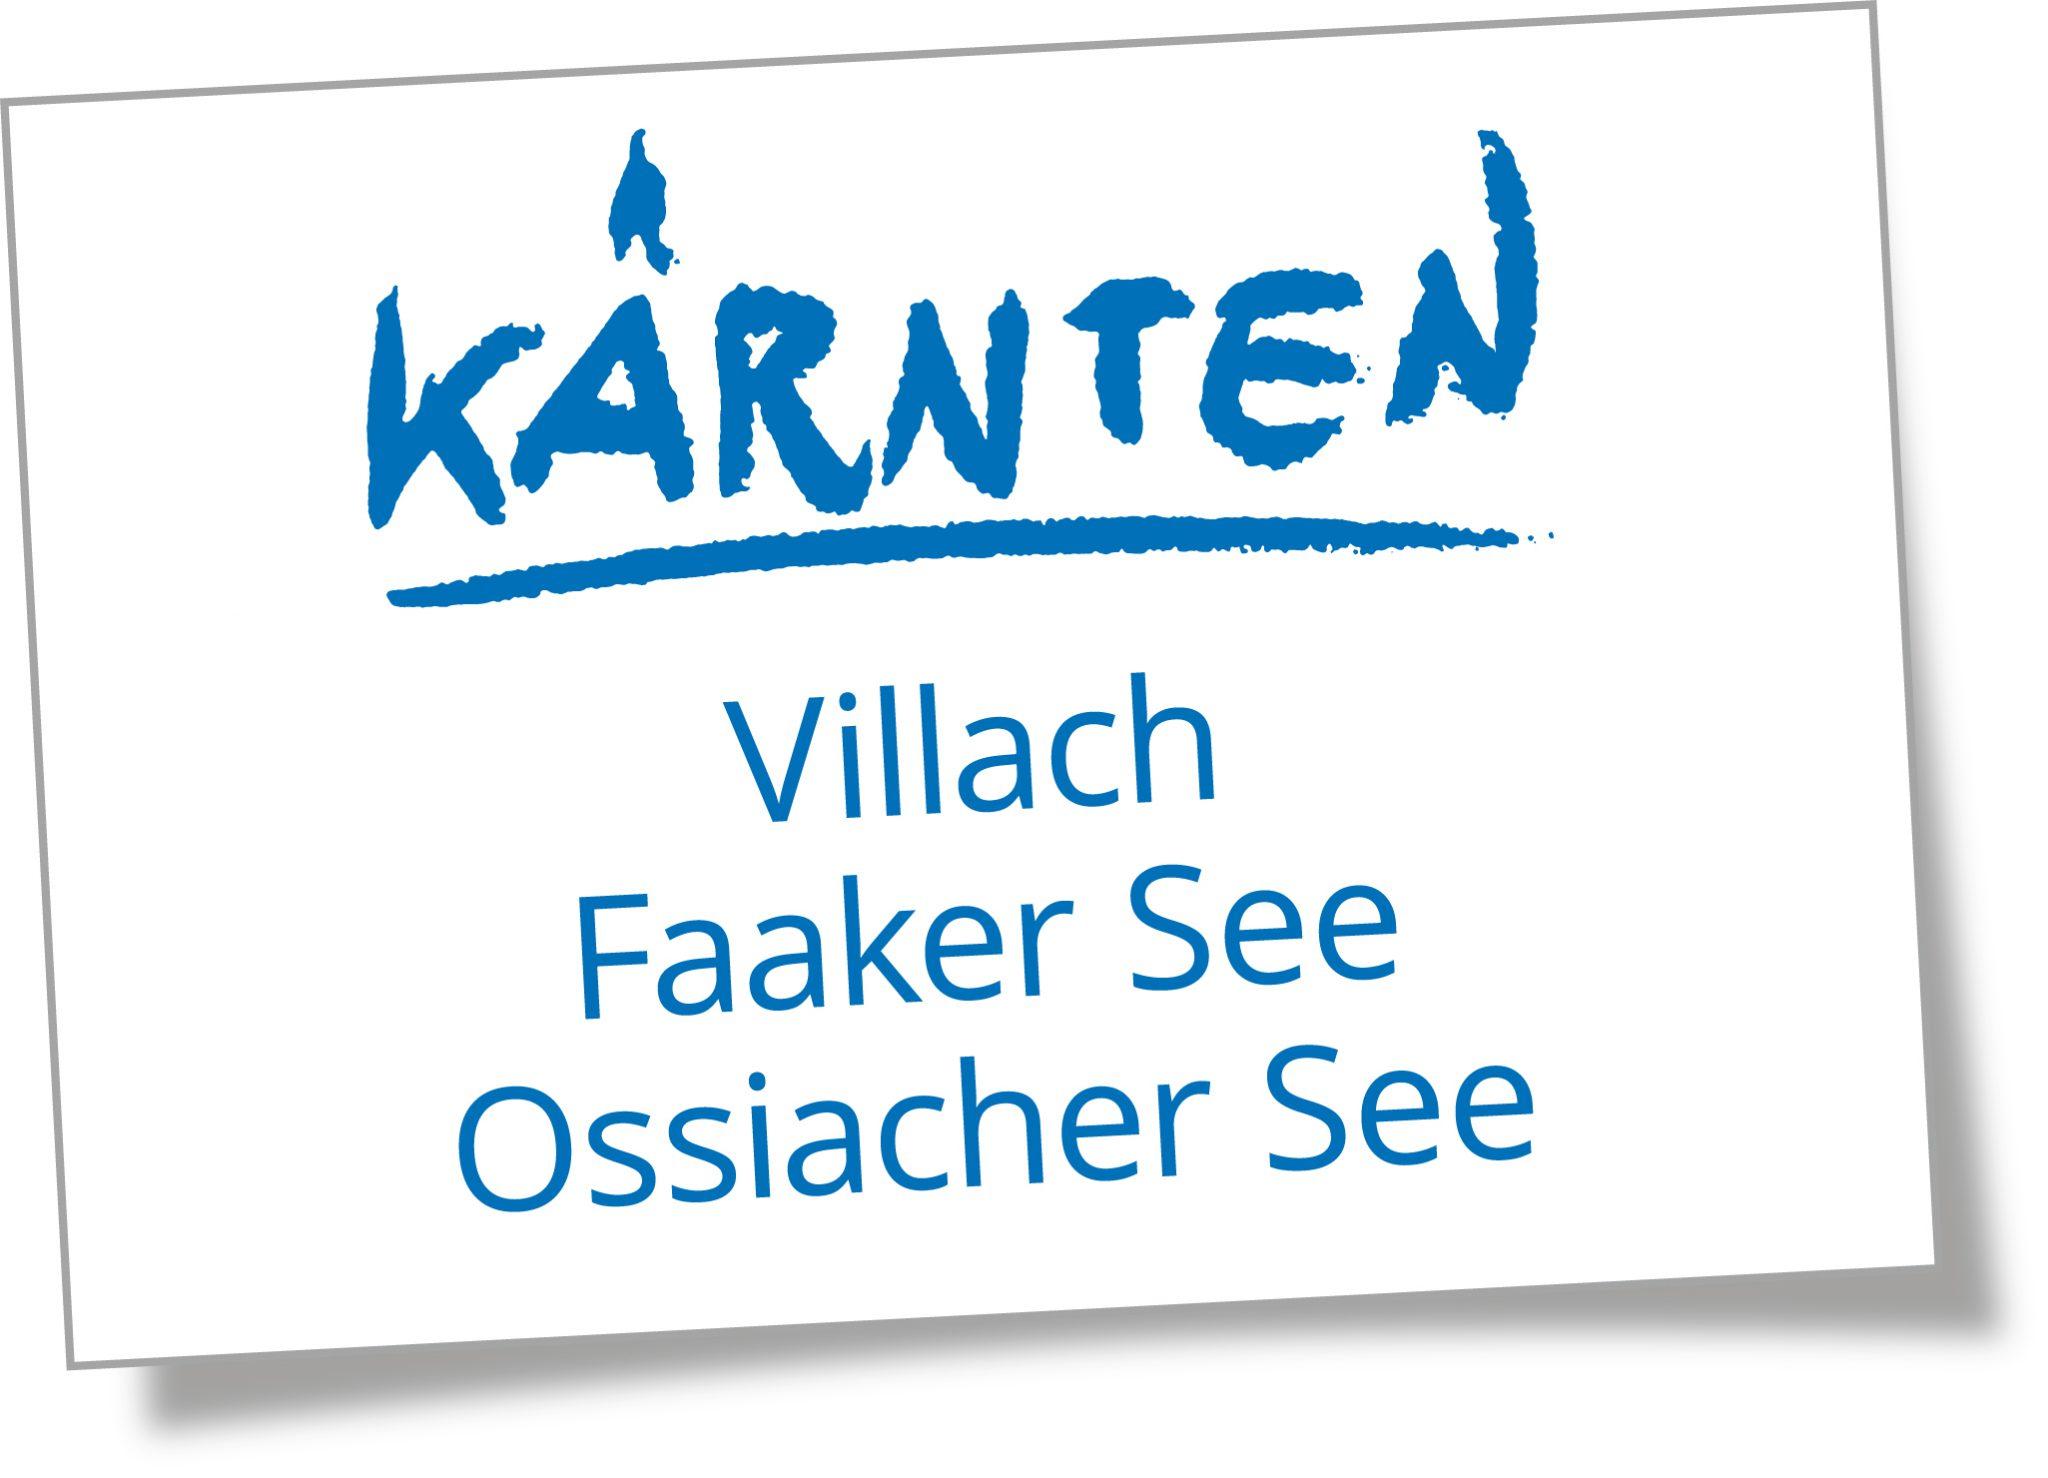 http://tourdekaernten.at/wp-content/uploads/2016/12/DT_K_Villach-Faaker-See-Ossiacher-See_L_RGB.jpg